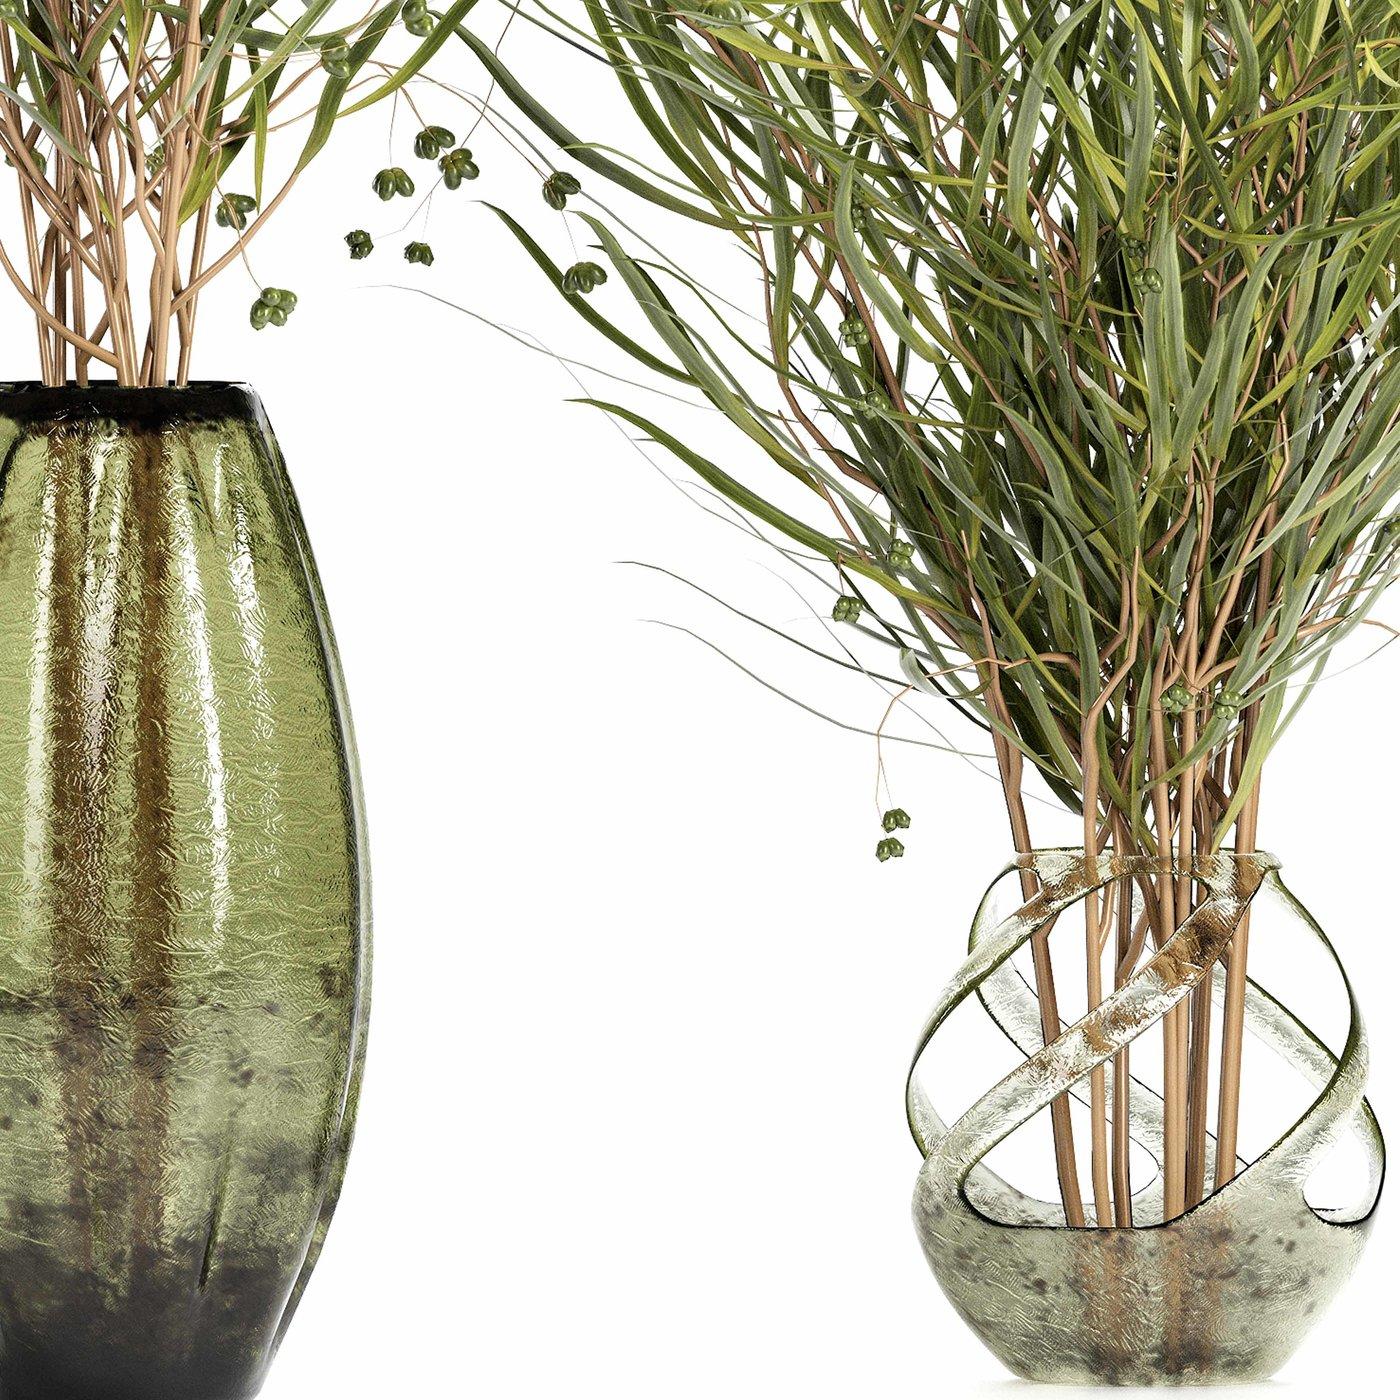 a bouquet of grass